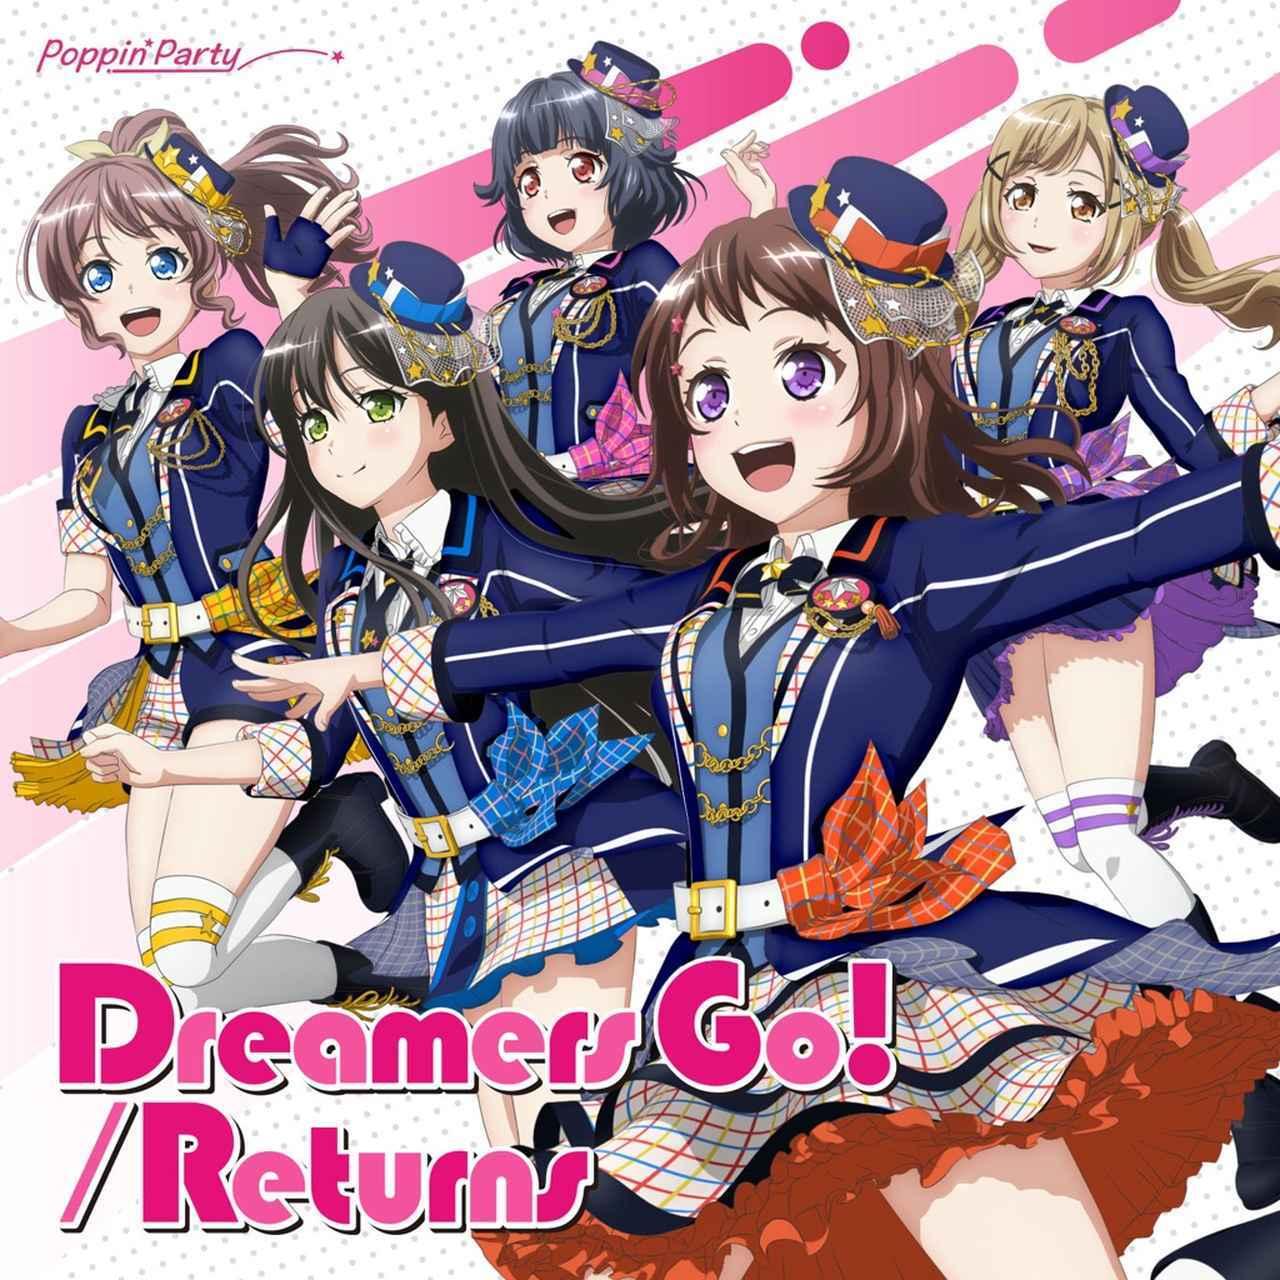 画像: Dreamers Go!/Returns / Poppin'Party